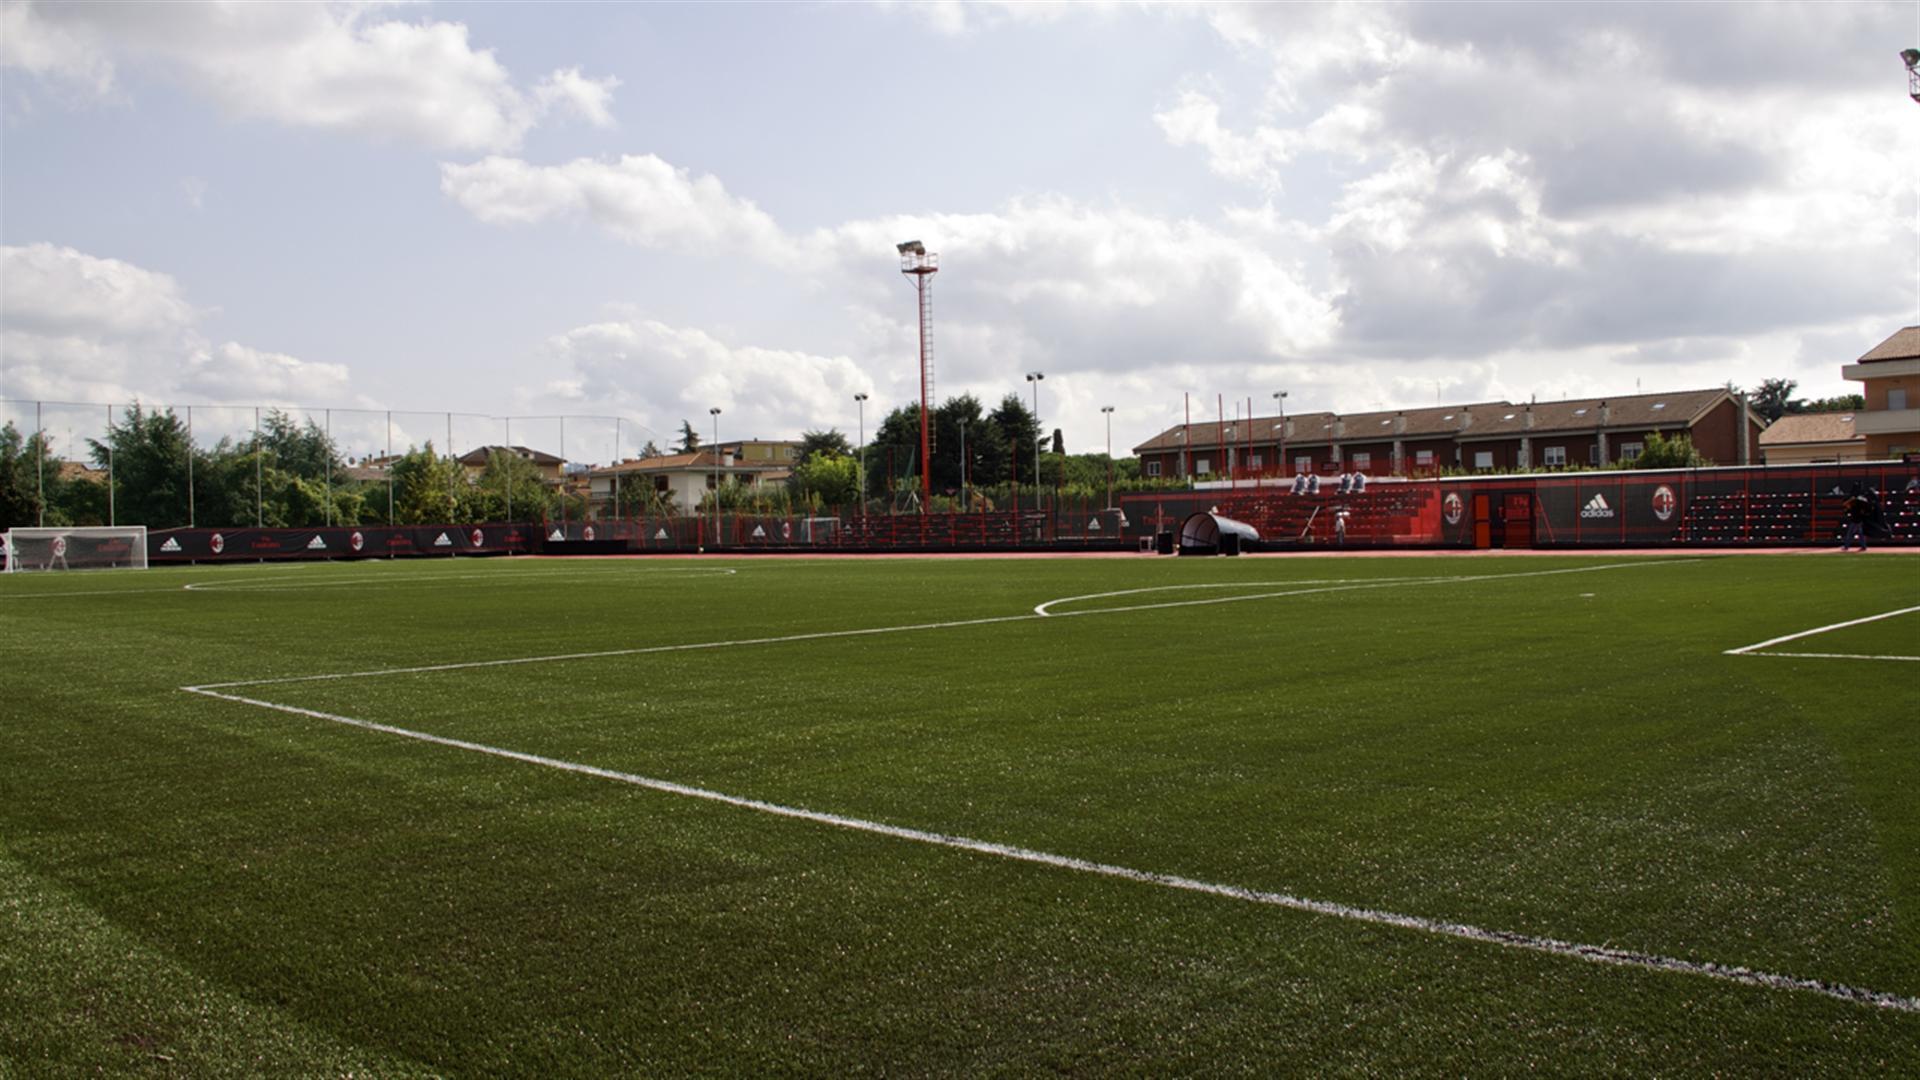 centro sportivo amedeo fabrizi